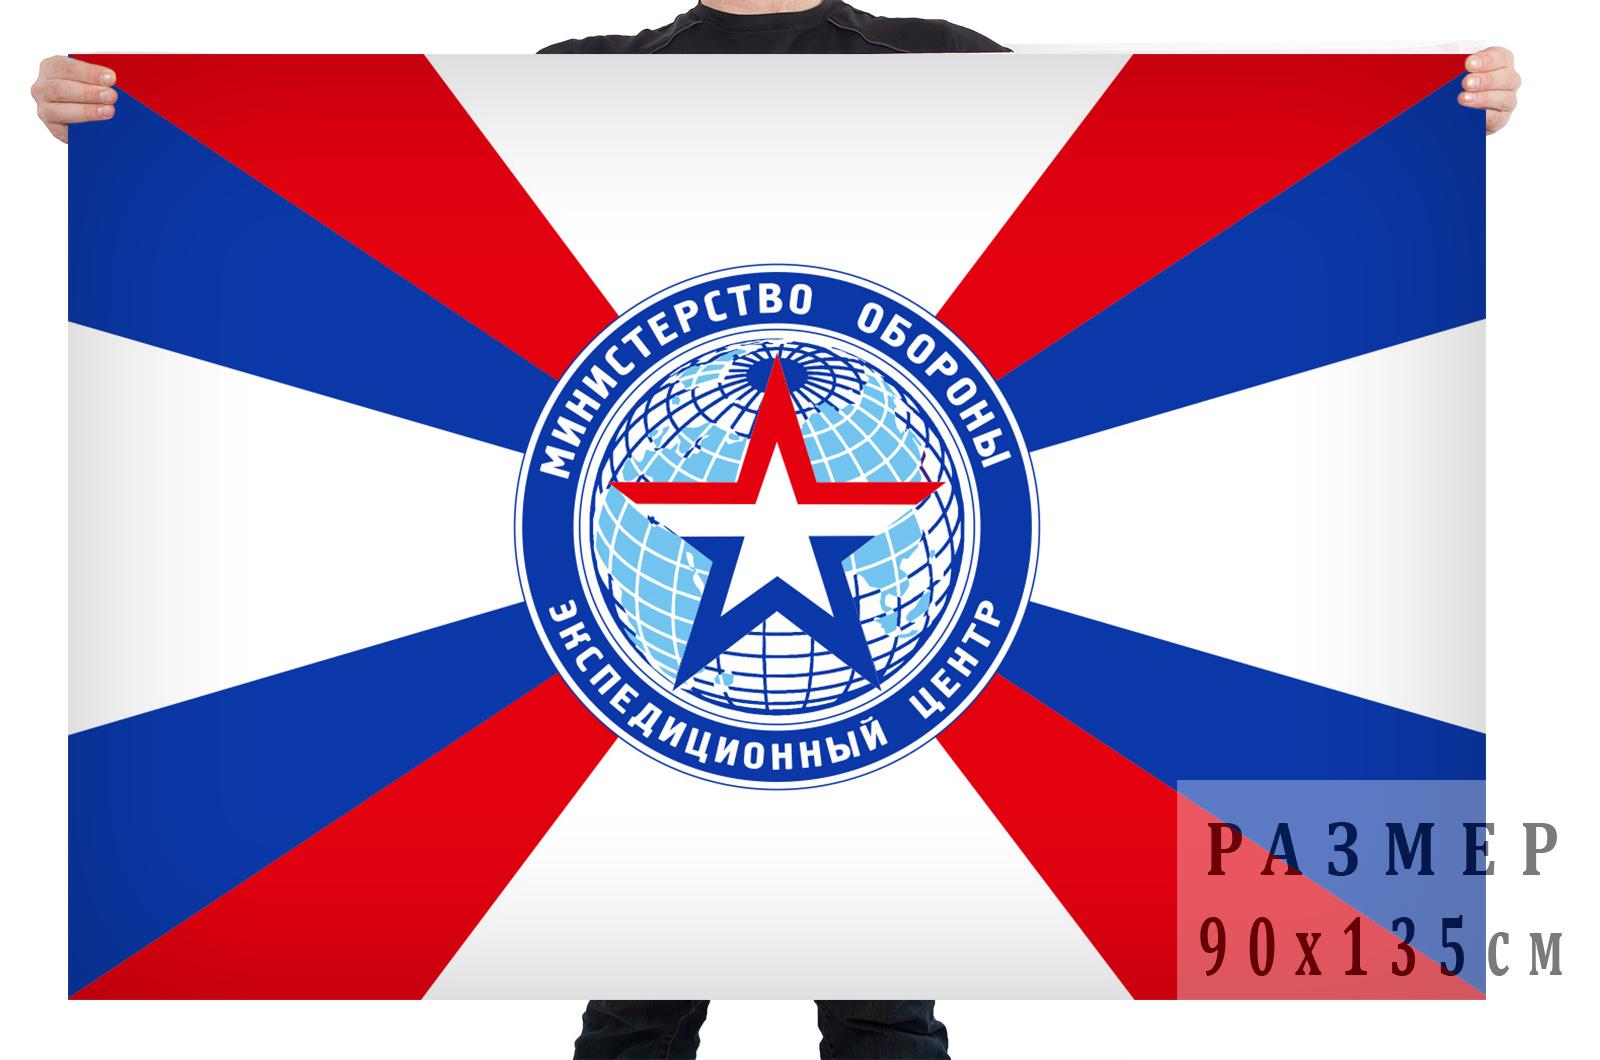 Флаг Экспедиционного центра Министерства обороны